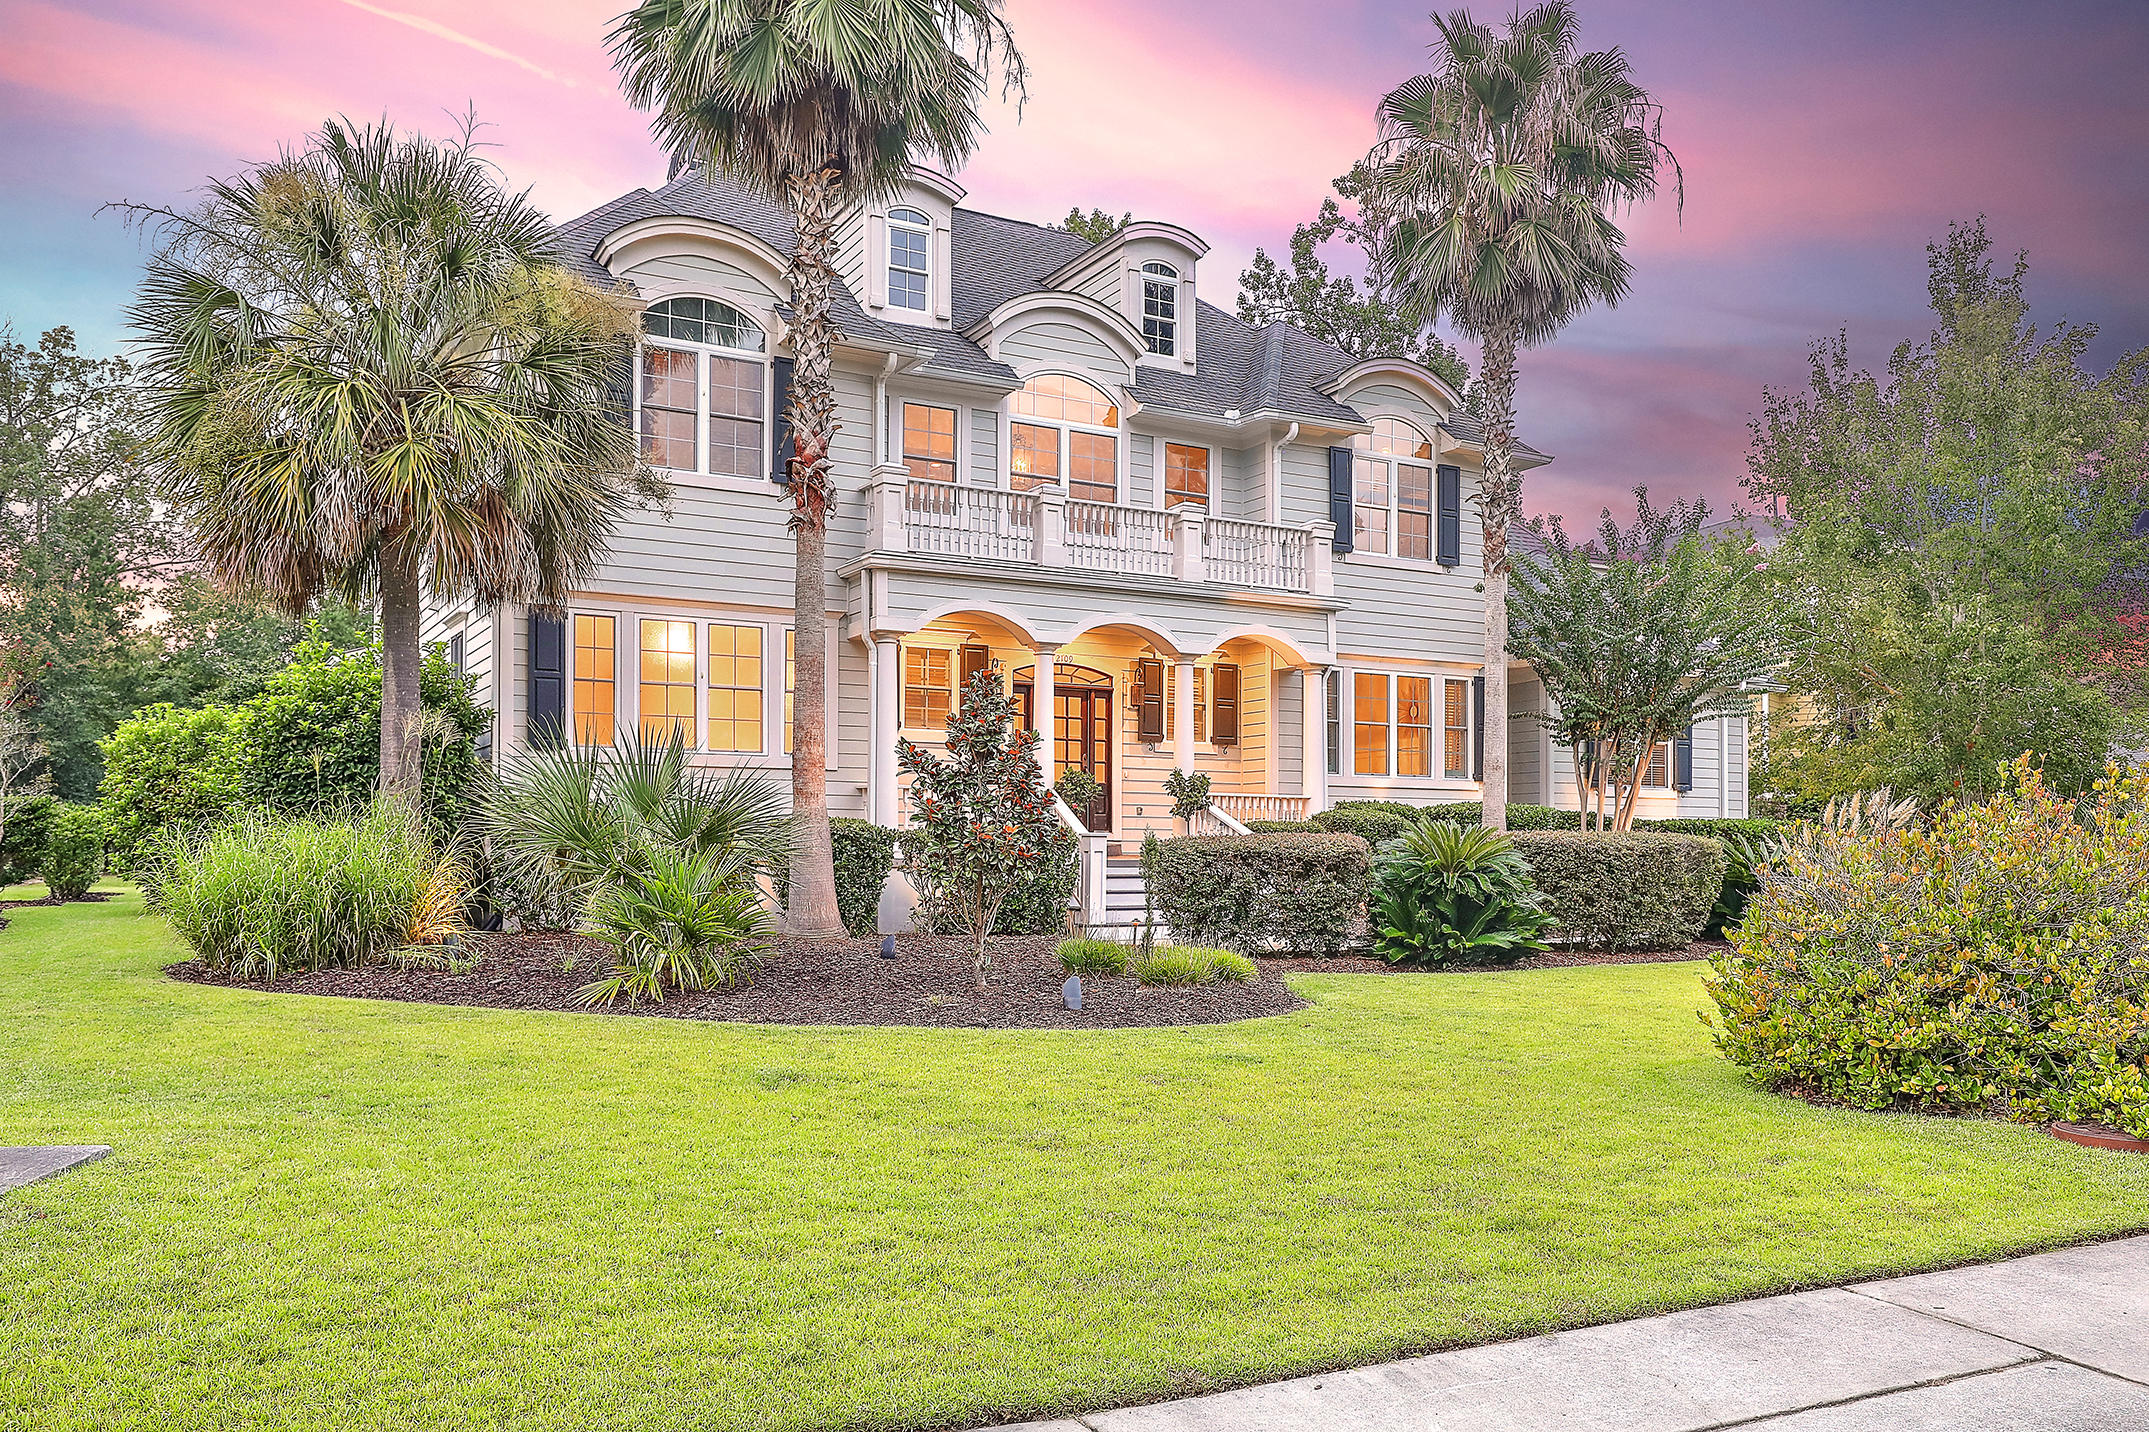 Park West Homes For Sale - 2109 Beckenham, Mount Pleasant, SC - 16